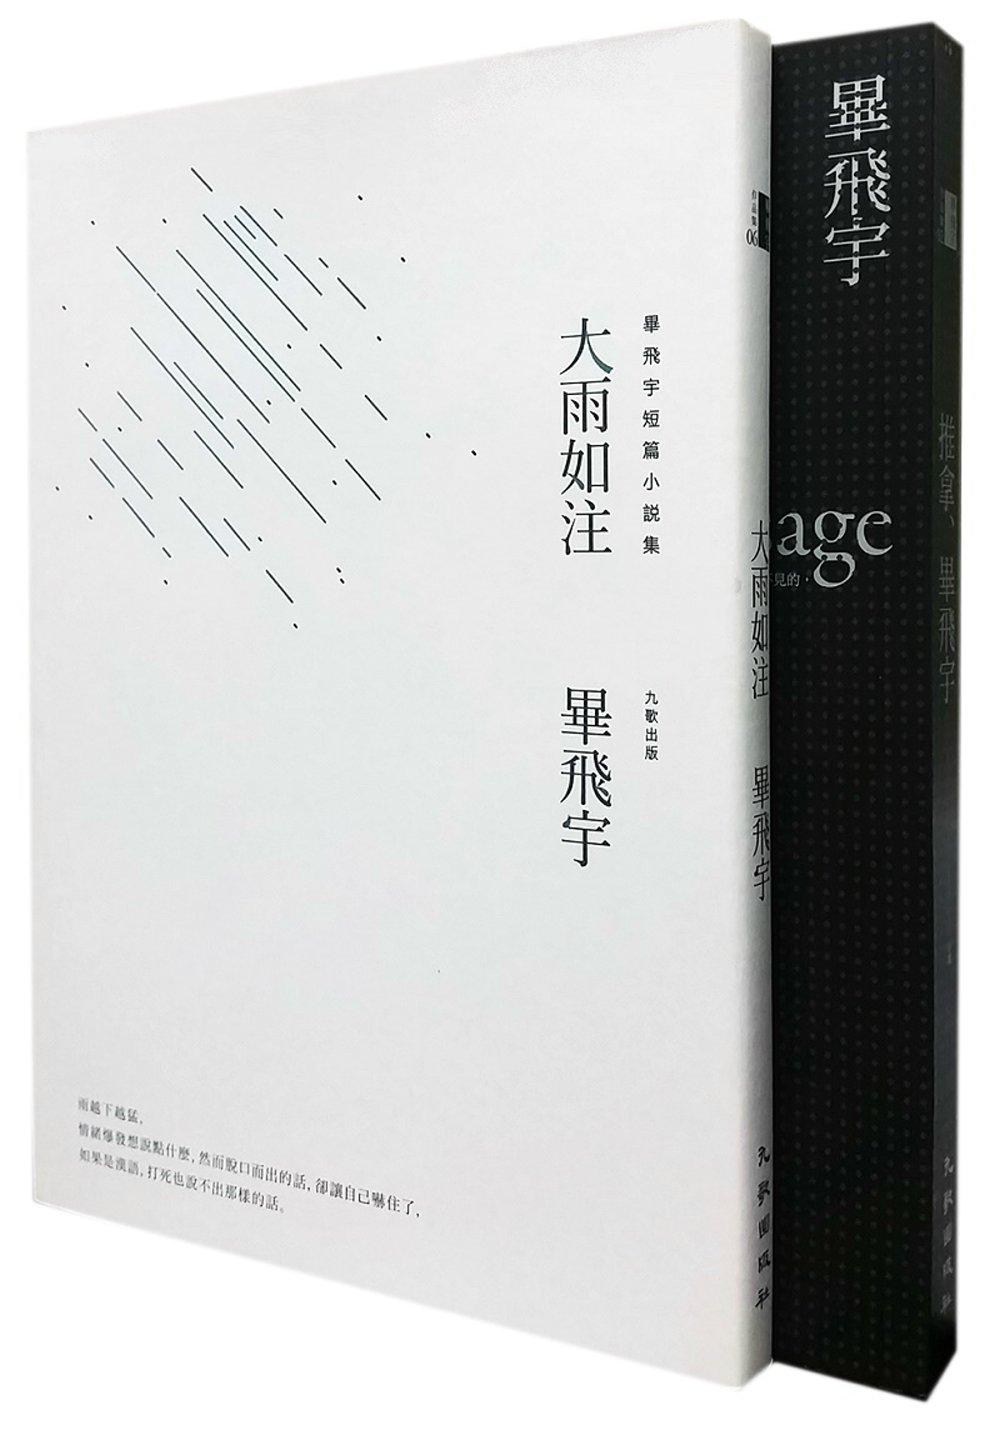 畢飛宇精選套書(大雨如注+推拿)